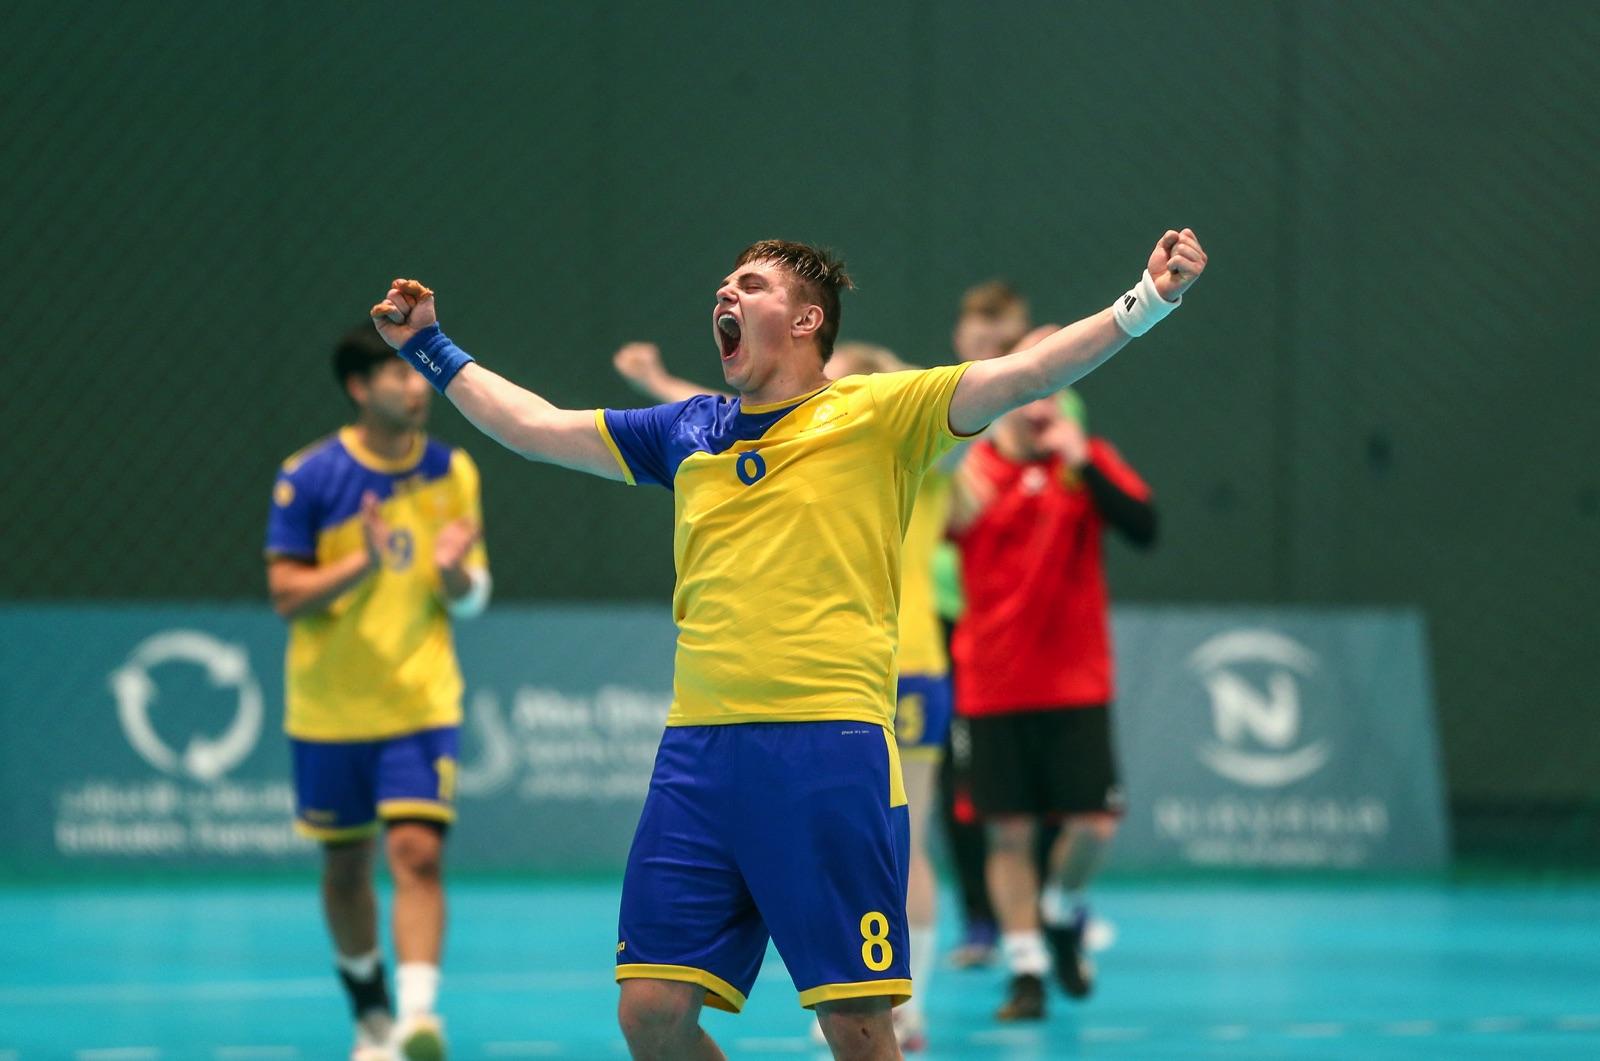 Ricky Landgraff jublar under en handbollsmatch i Special Olympics World Summer Games i Abu Dhabi.